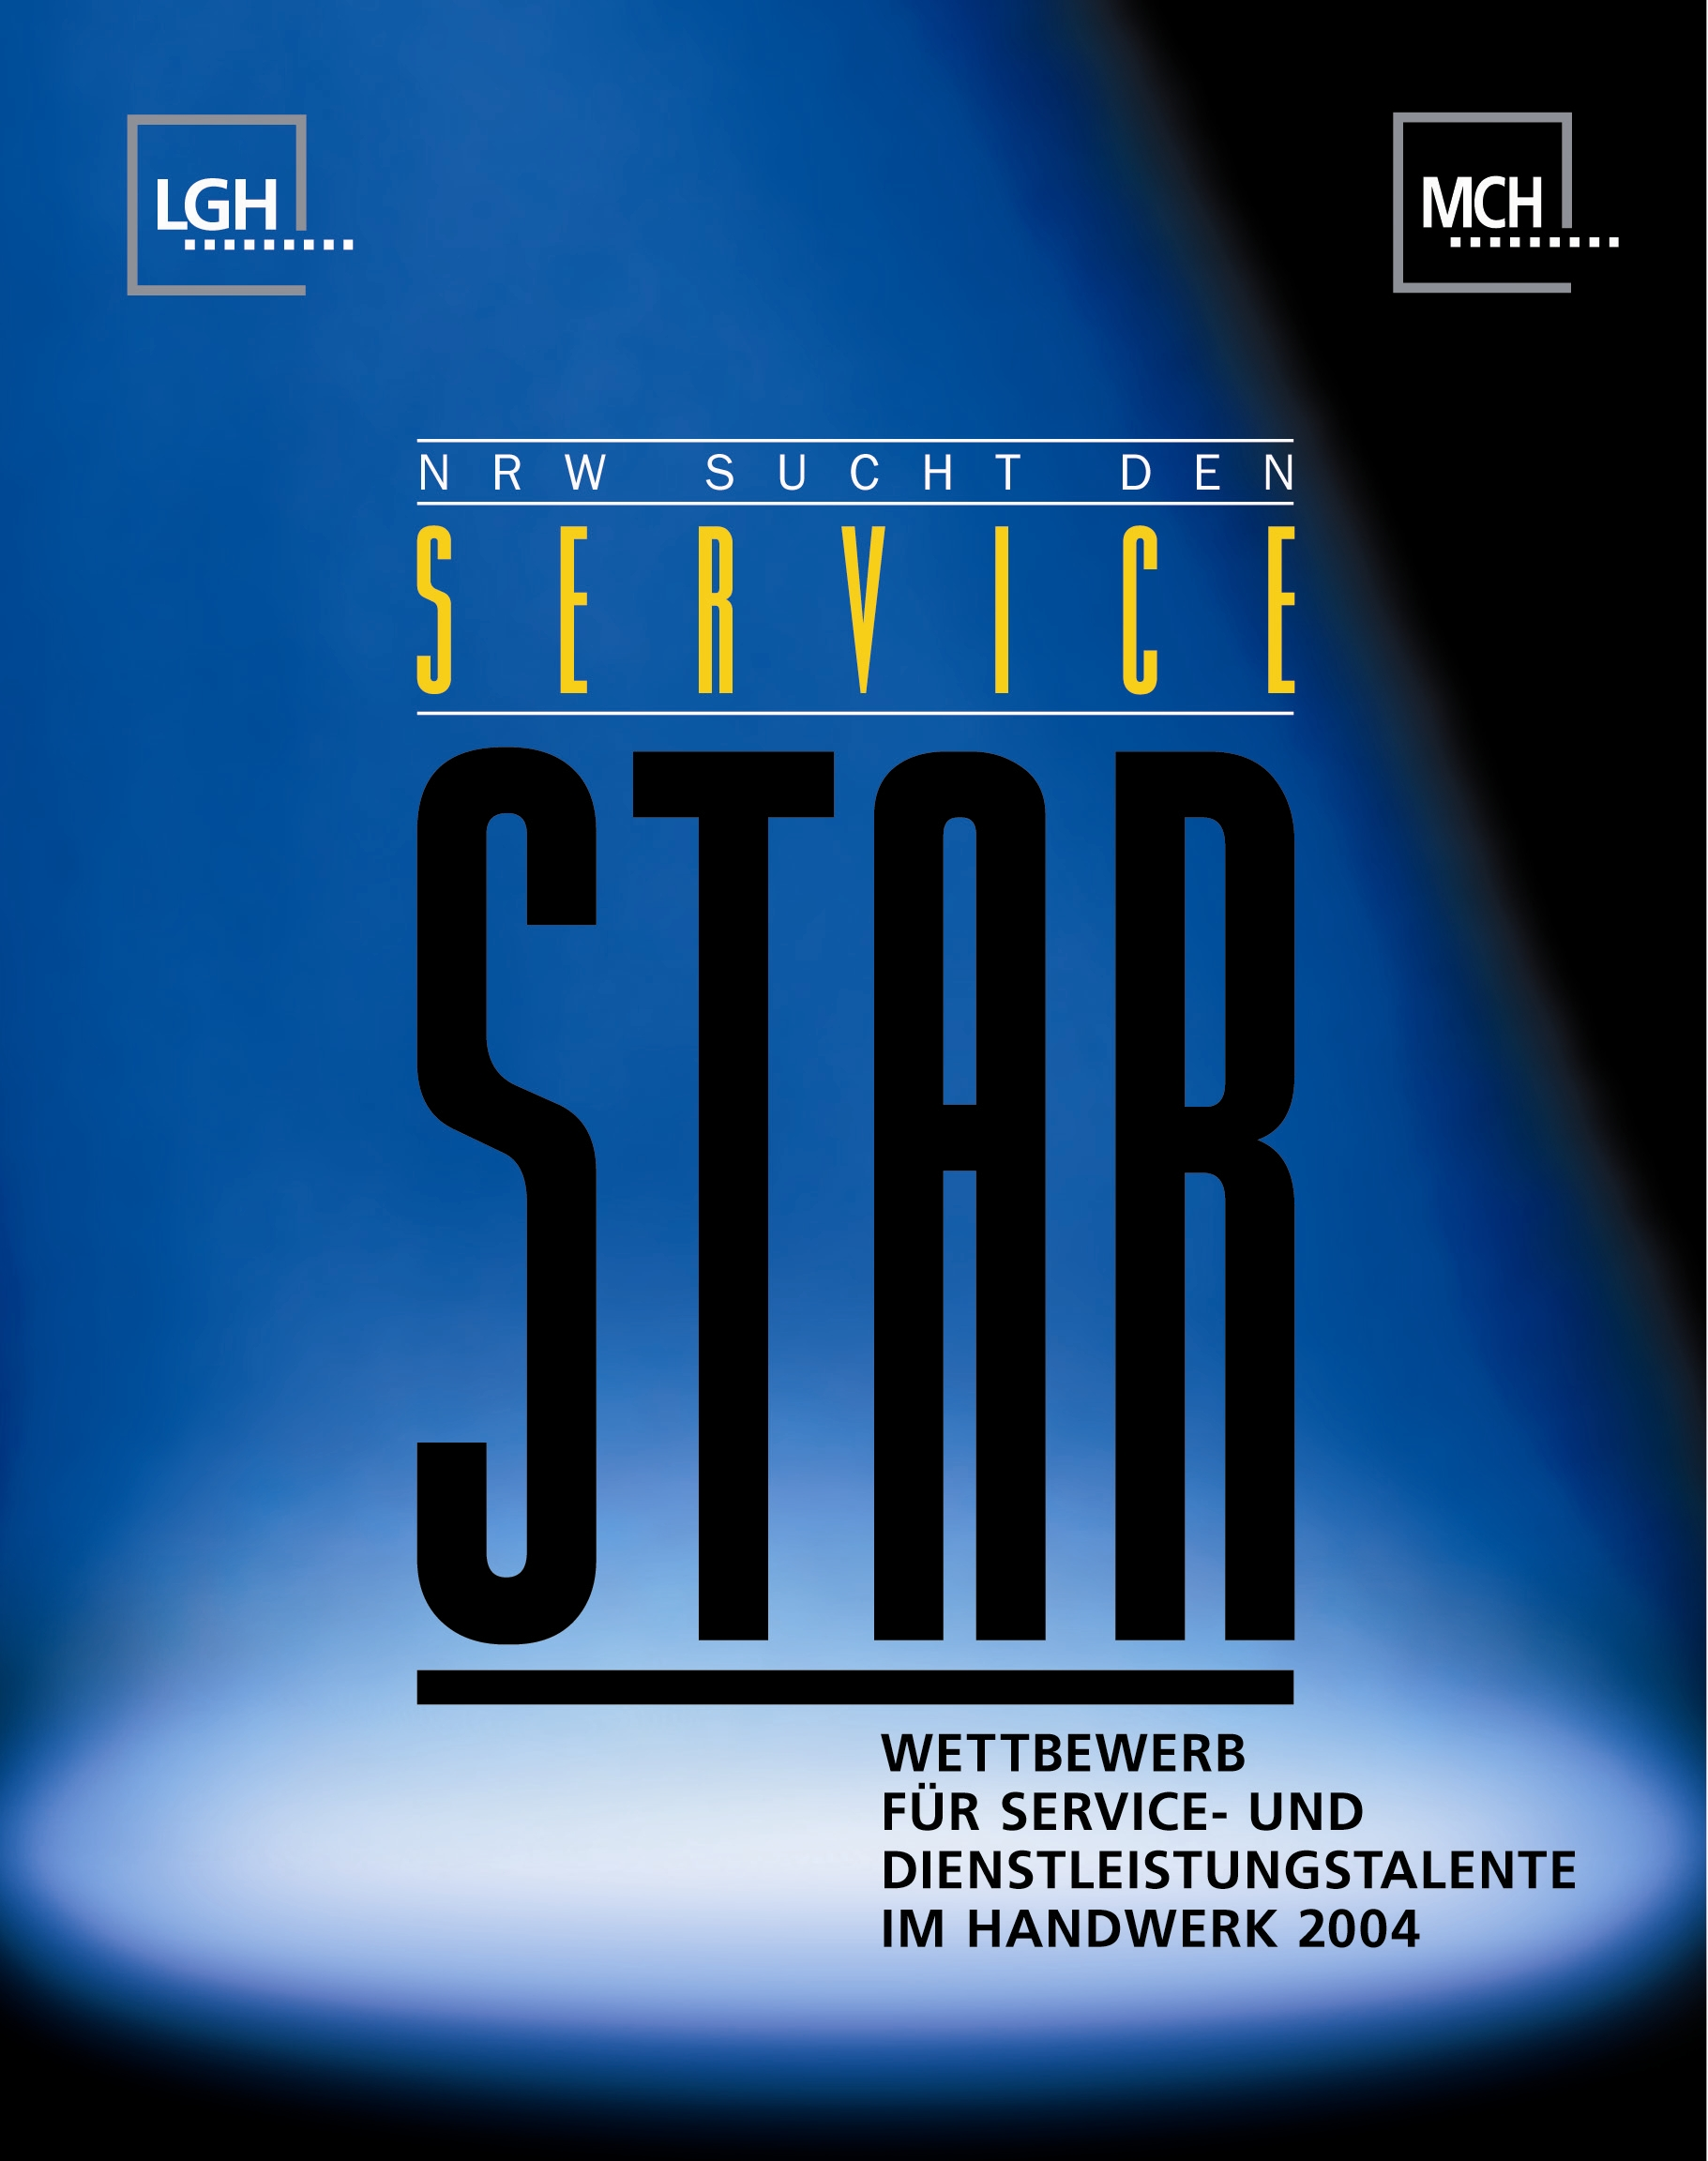 renfordt Malerfachbetrieb GmbH Service Star